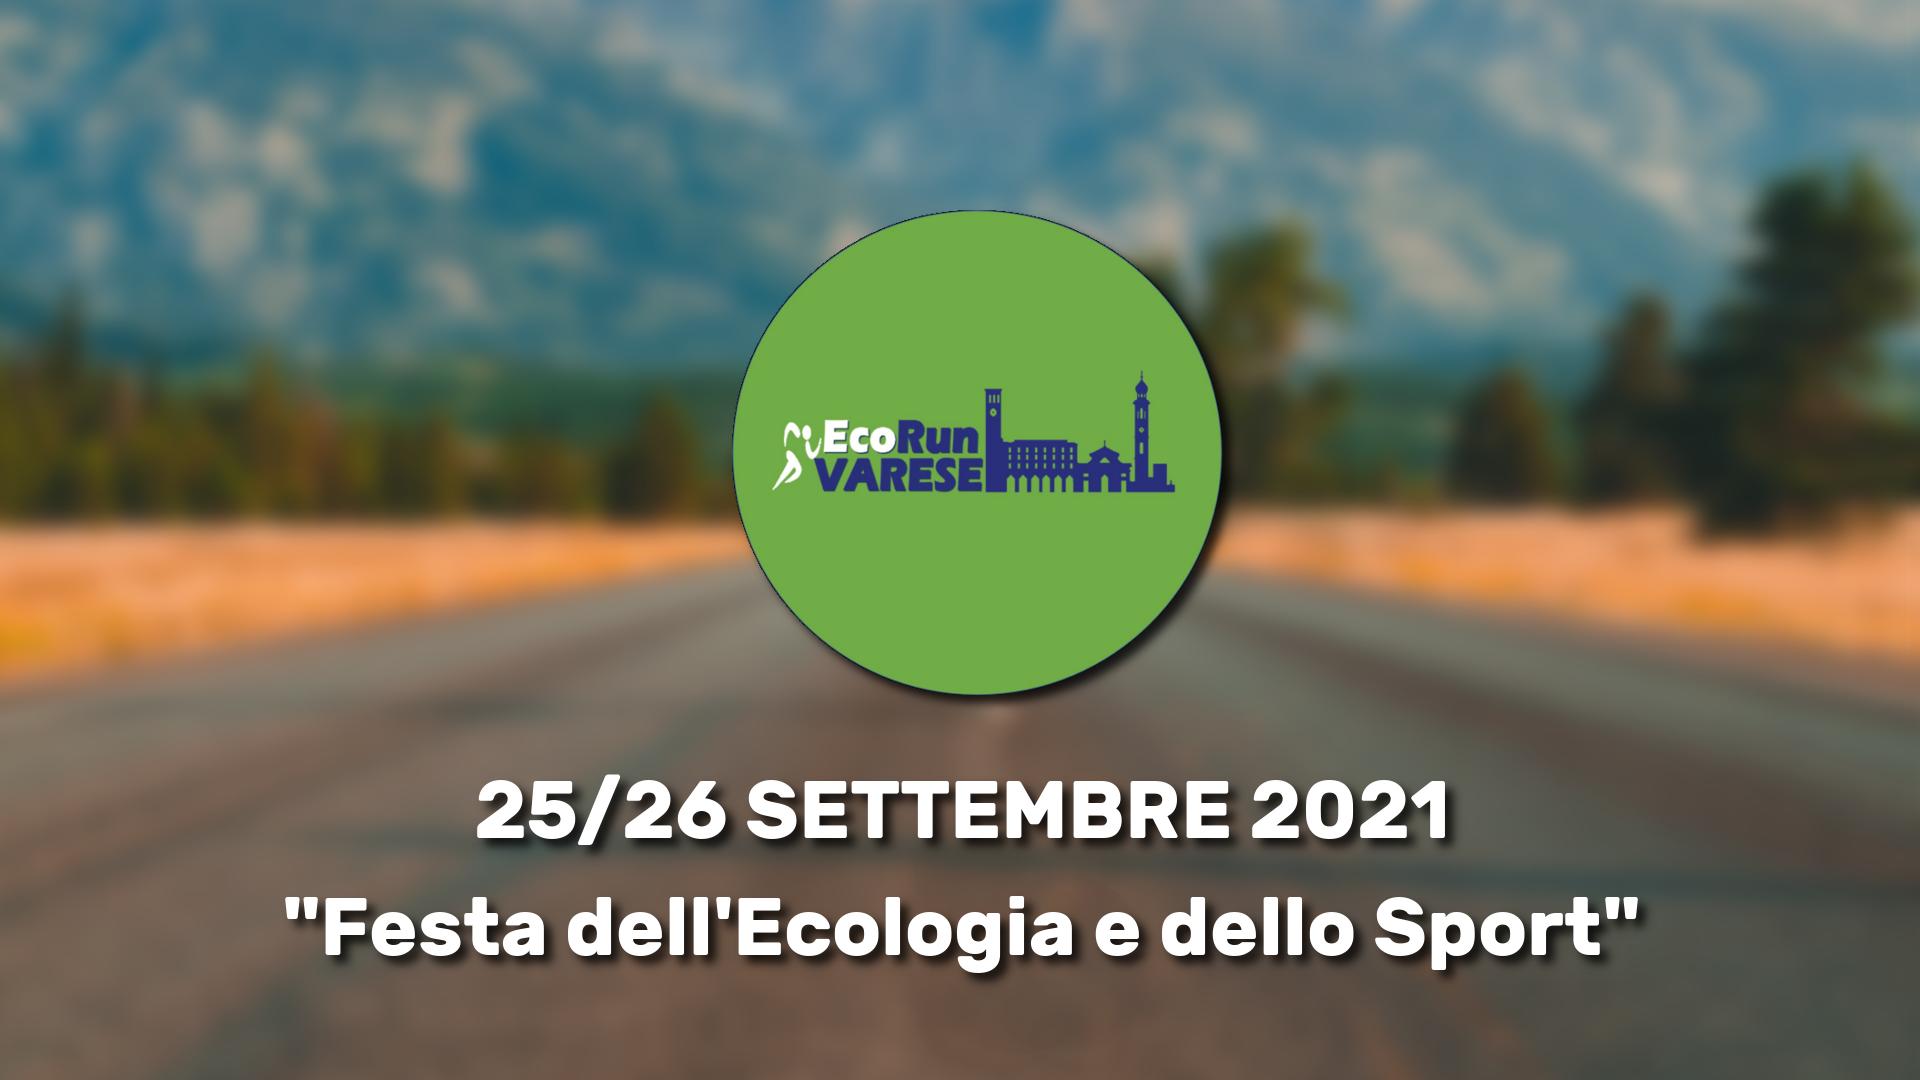 EcoRun Varese, evento eco-solidale in programma a fine settembre